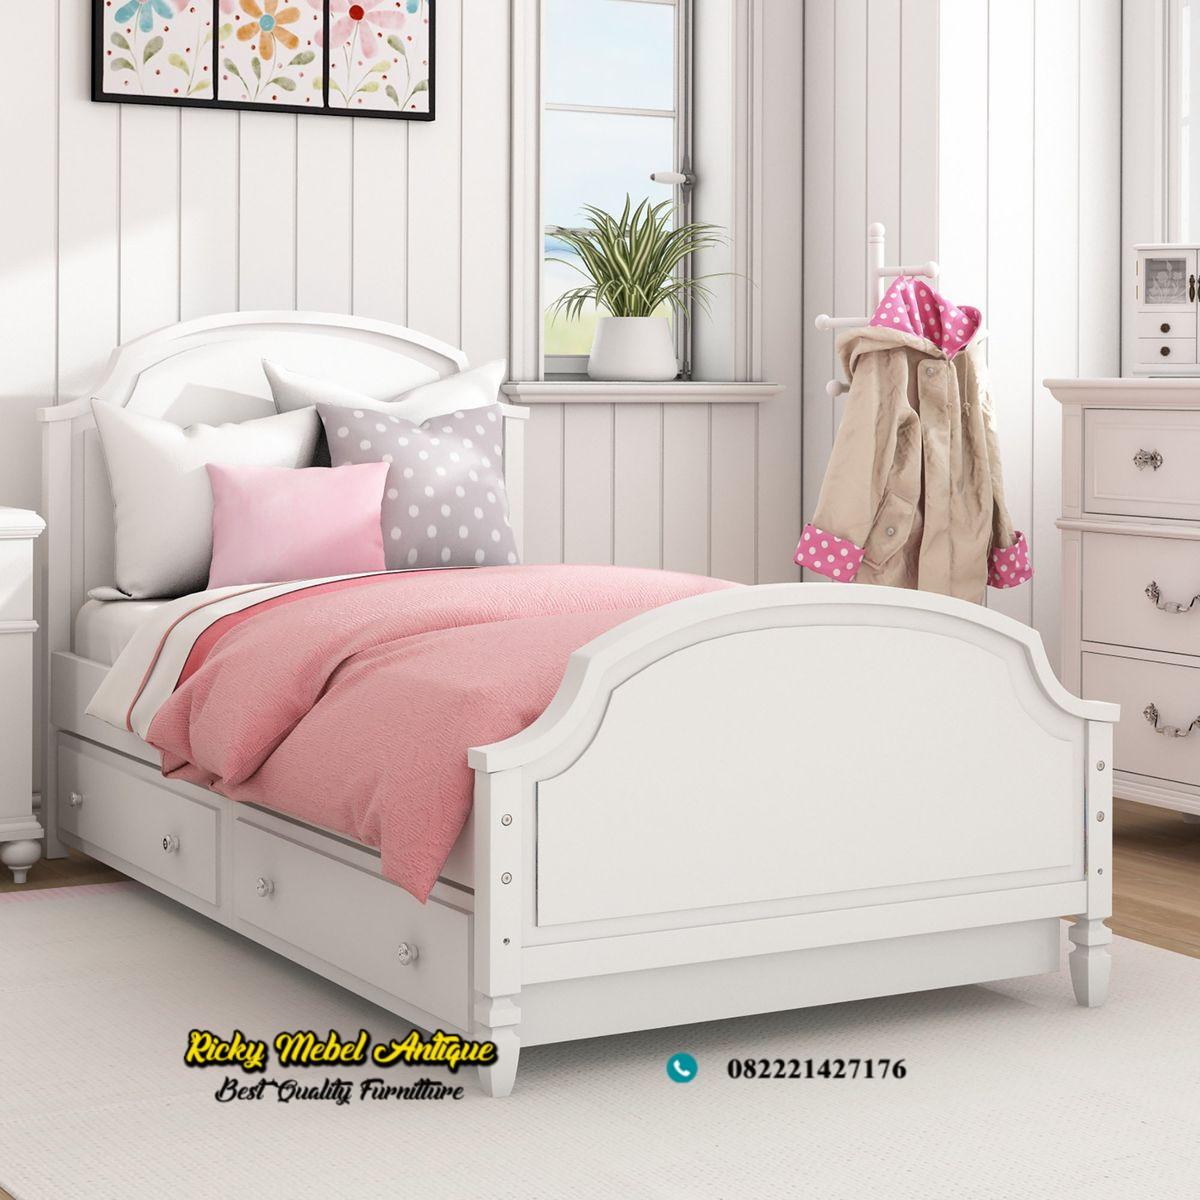 tempat tidur anak duco kombinasi laci